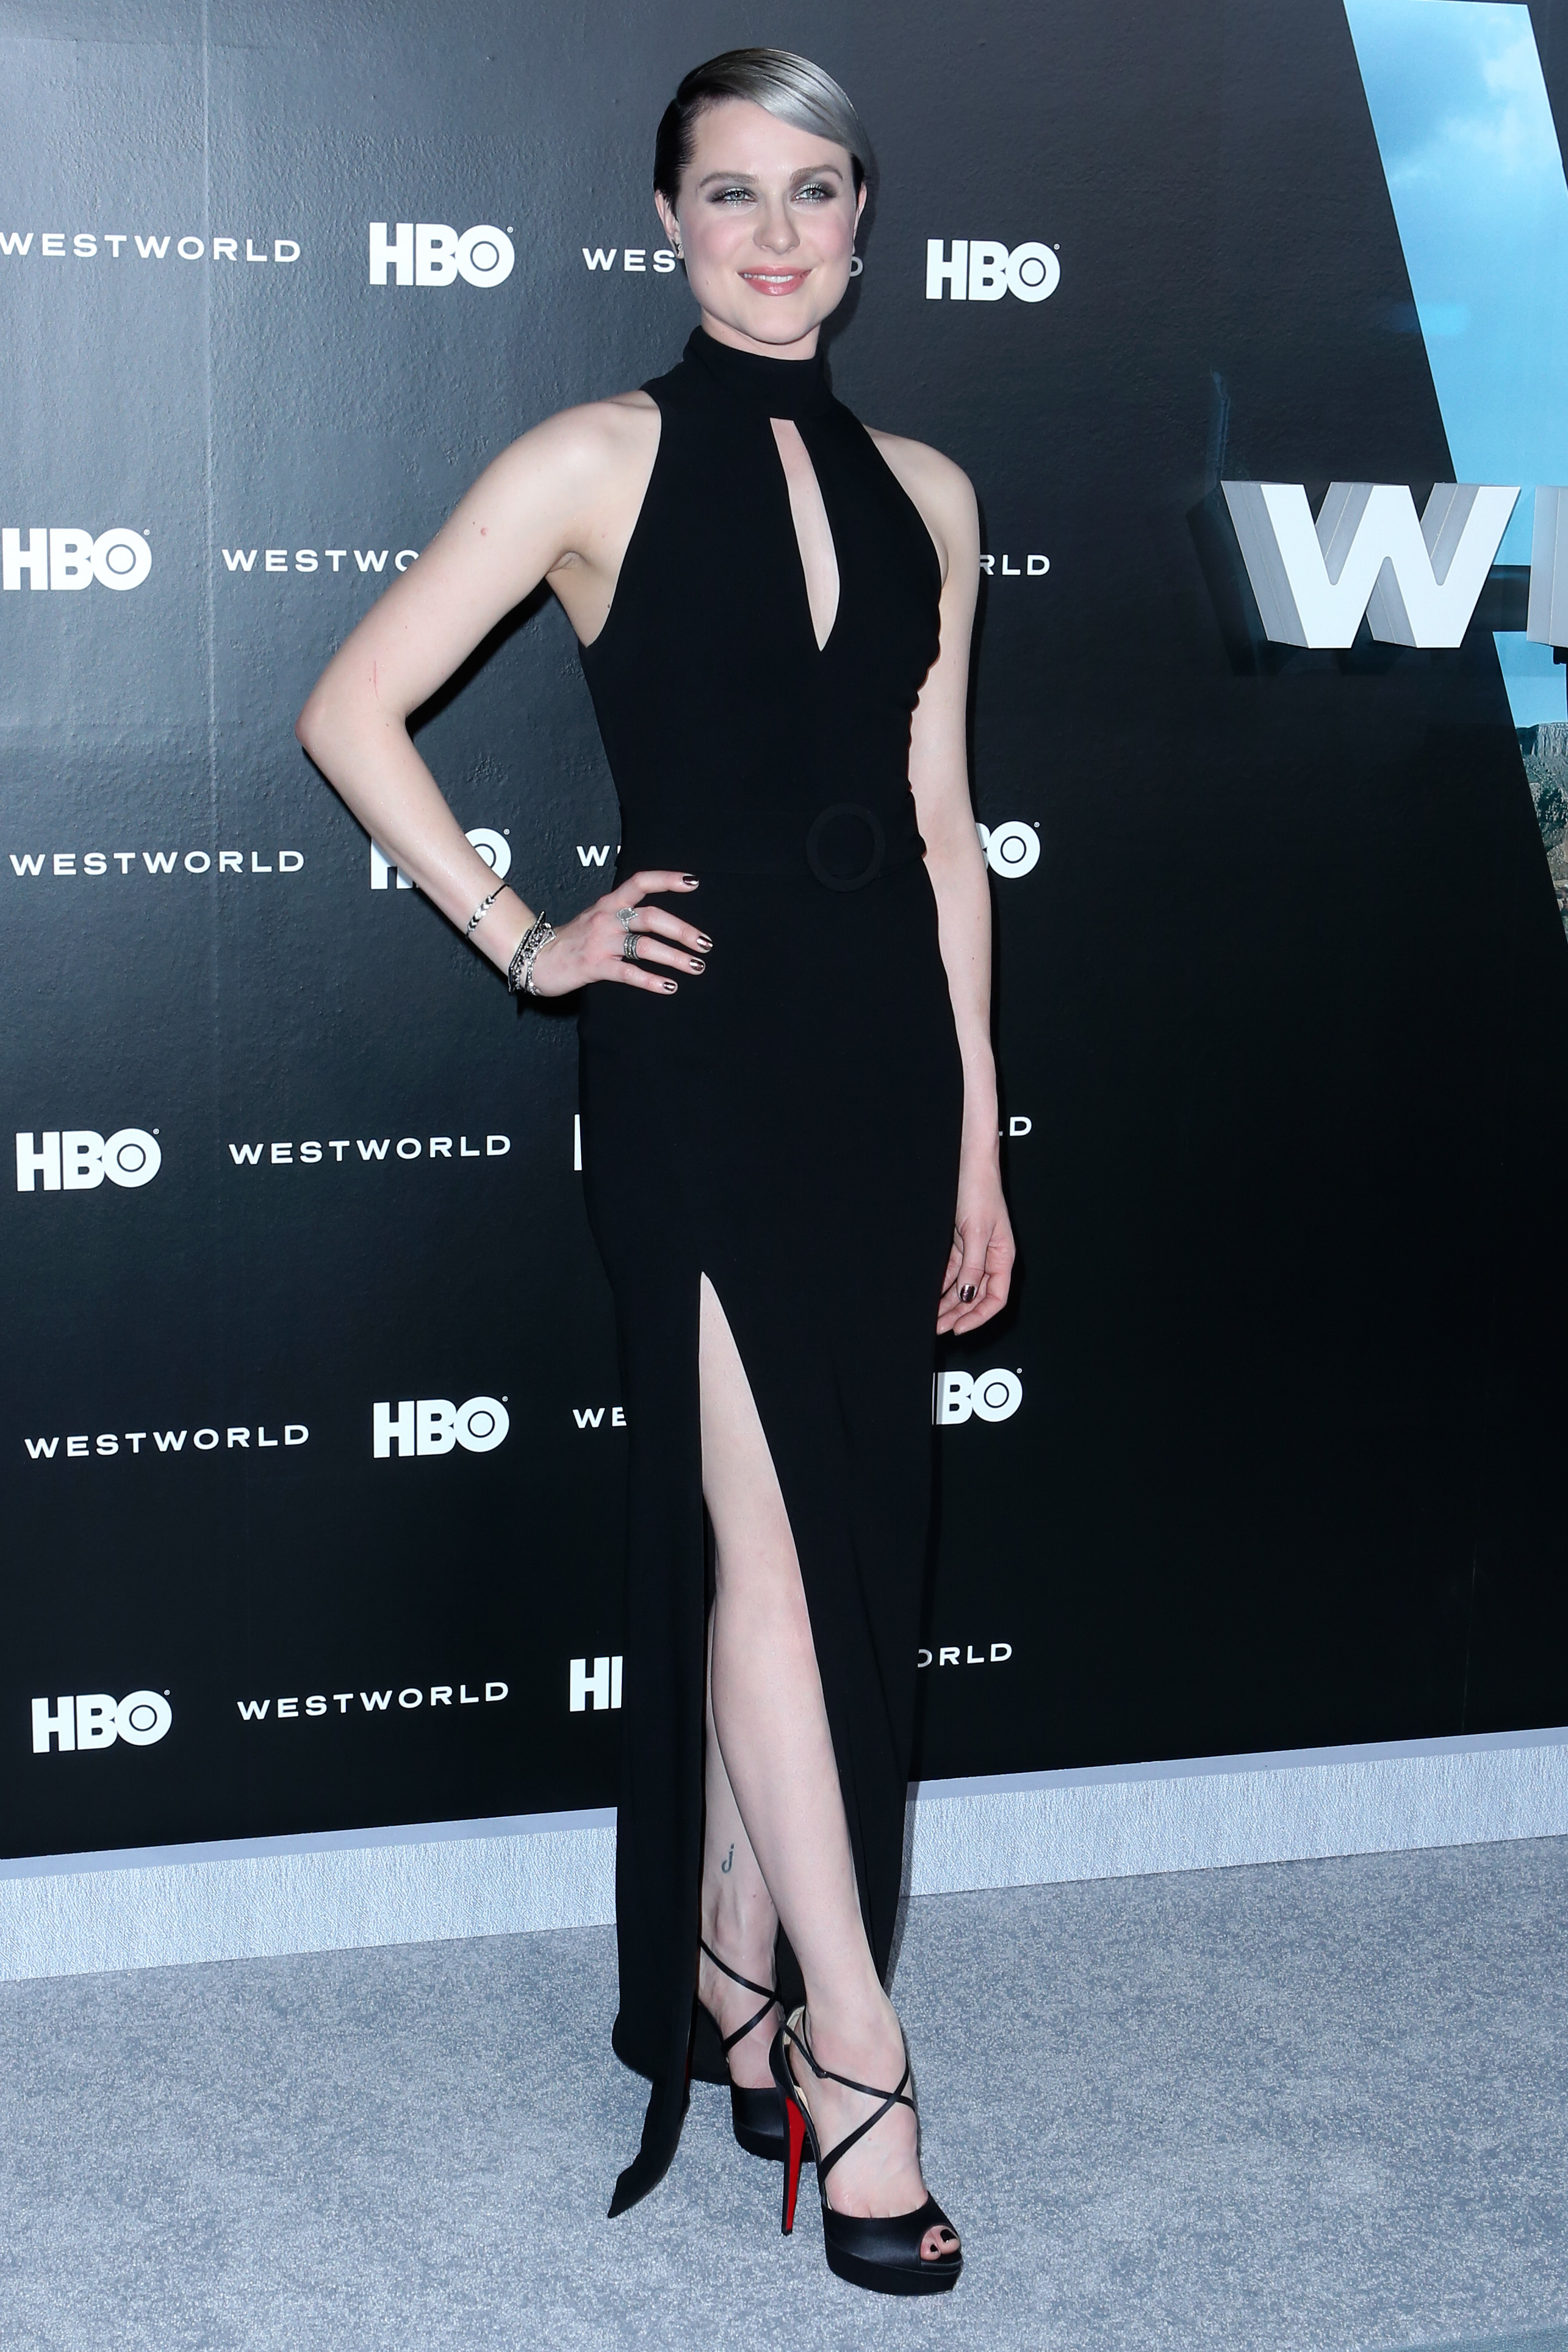 Evan Rachel Wood defends 'Westwood' amid backlash